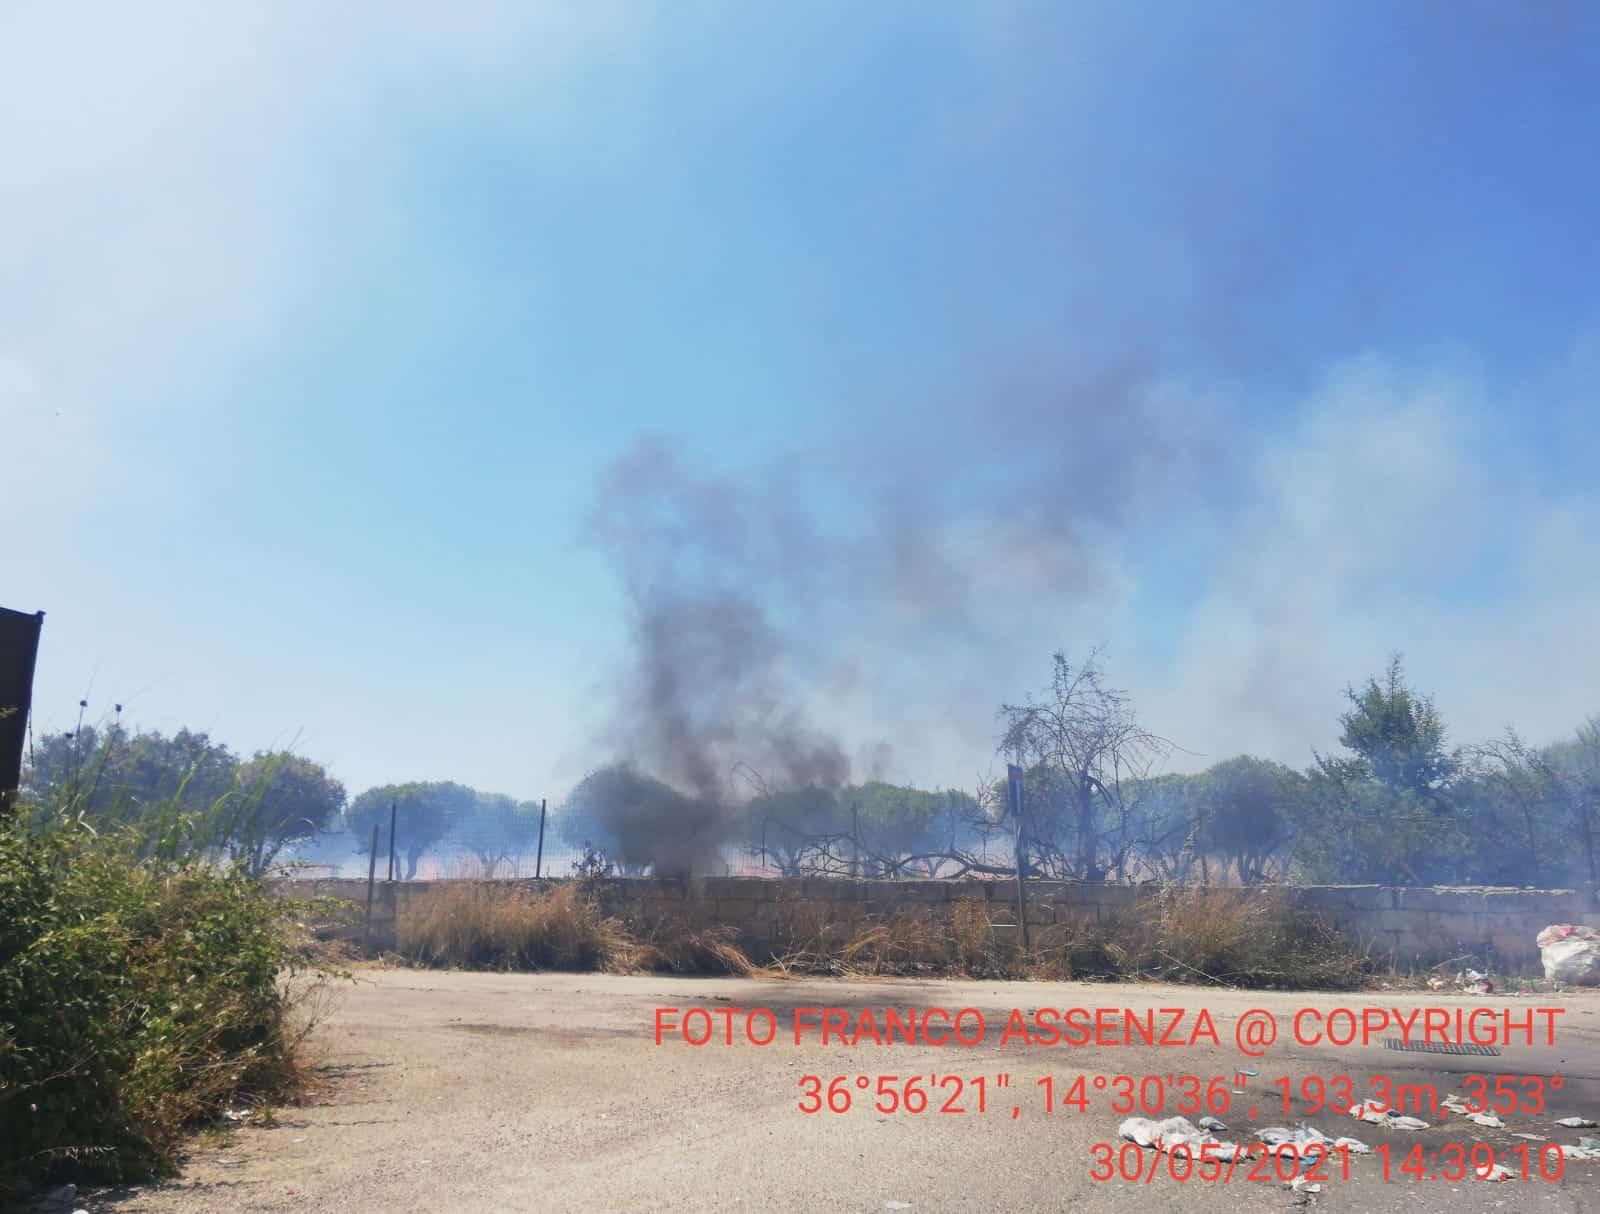 Incendi continui nel quartiere, i rifiuti bruciano giorno e notte: pericolo per la salute dei residenti – FOTO